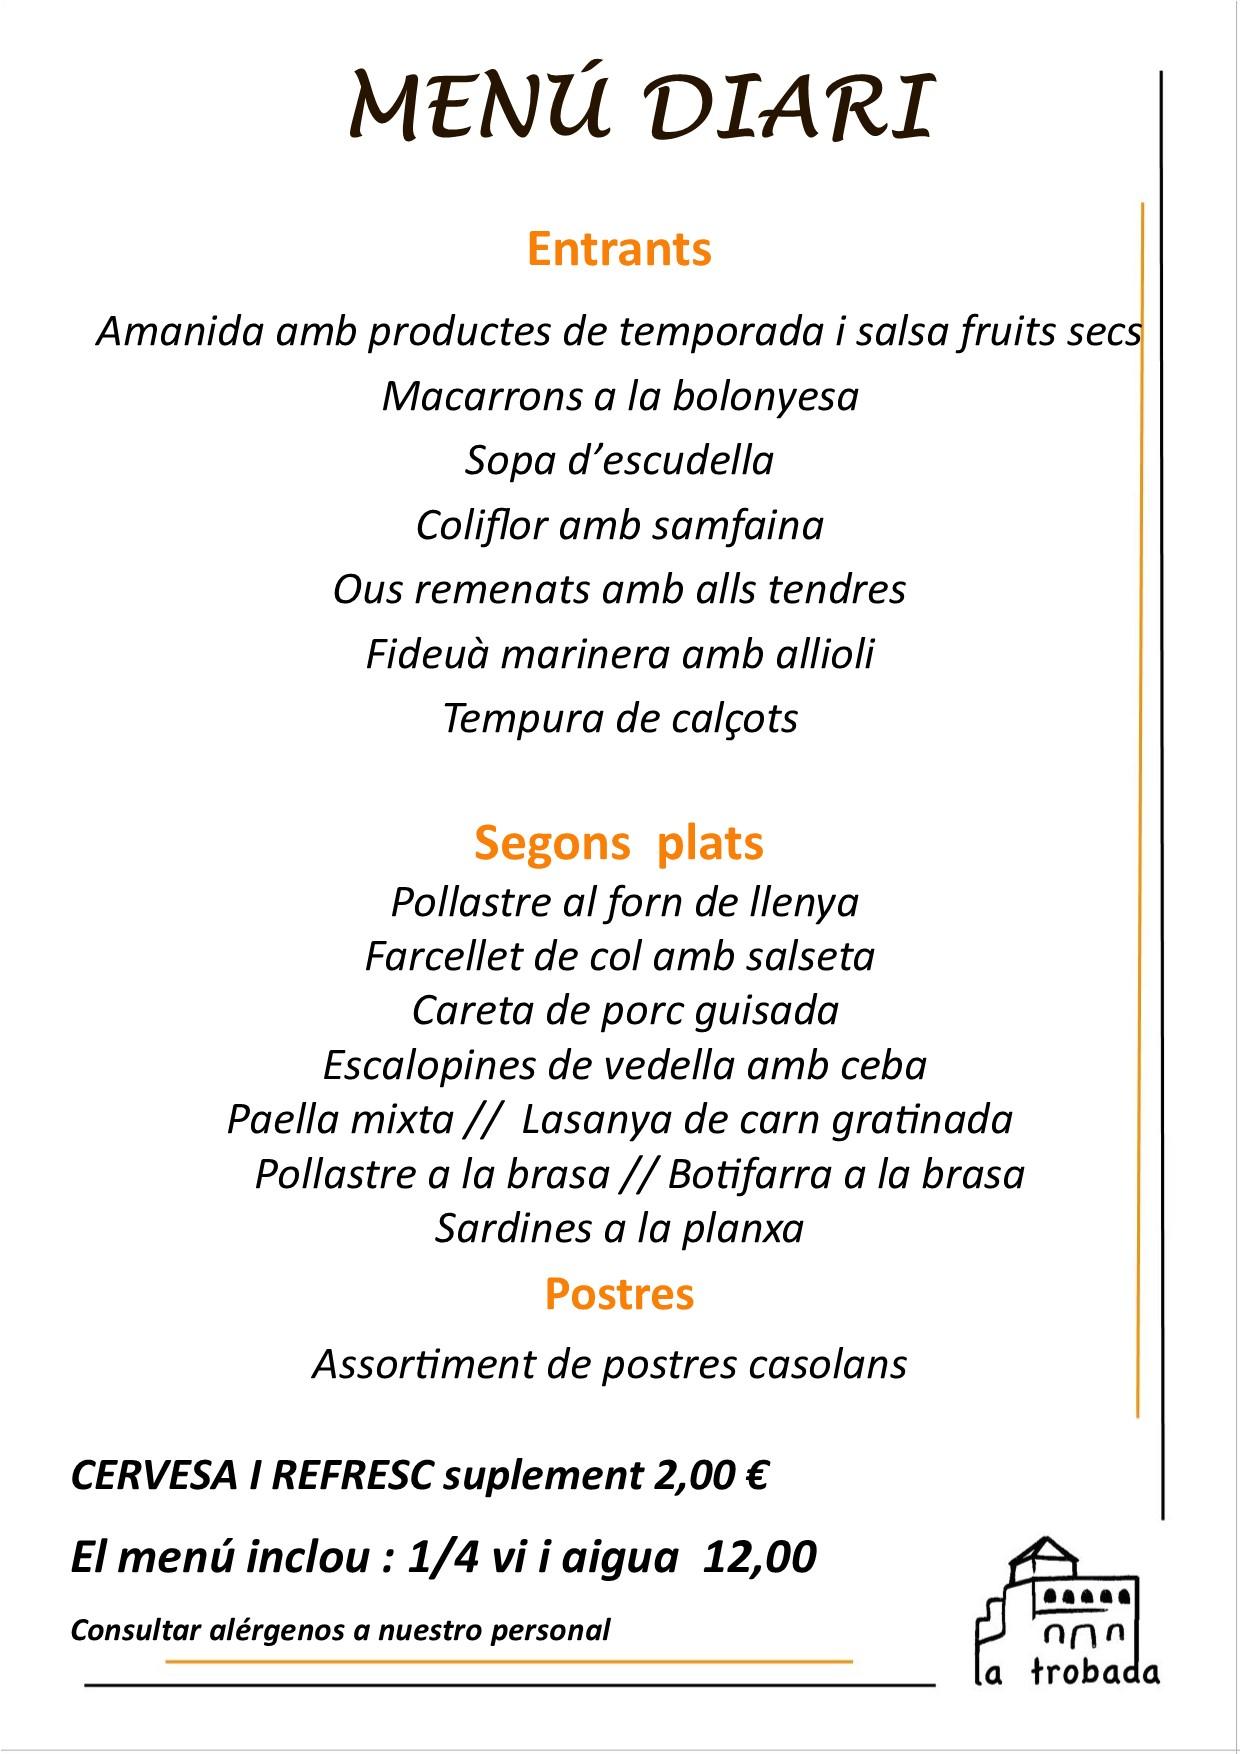 Menú del dia catalán restaurant